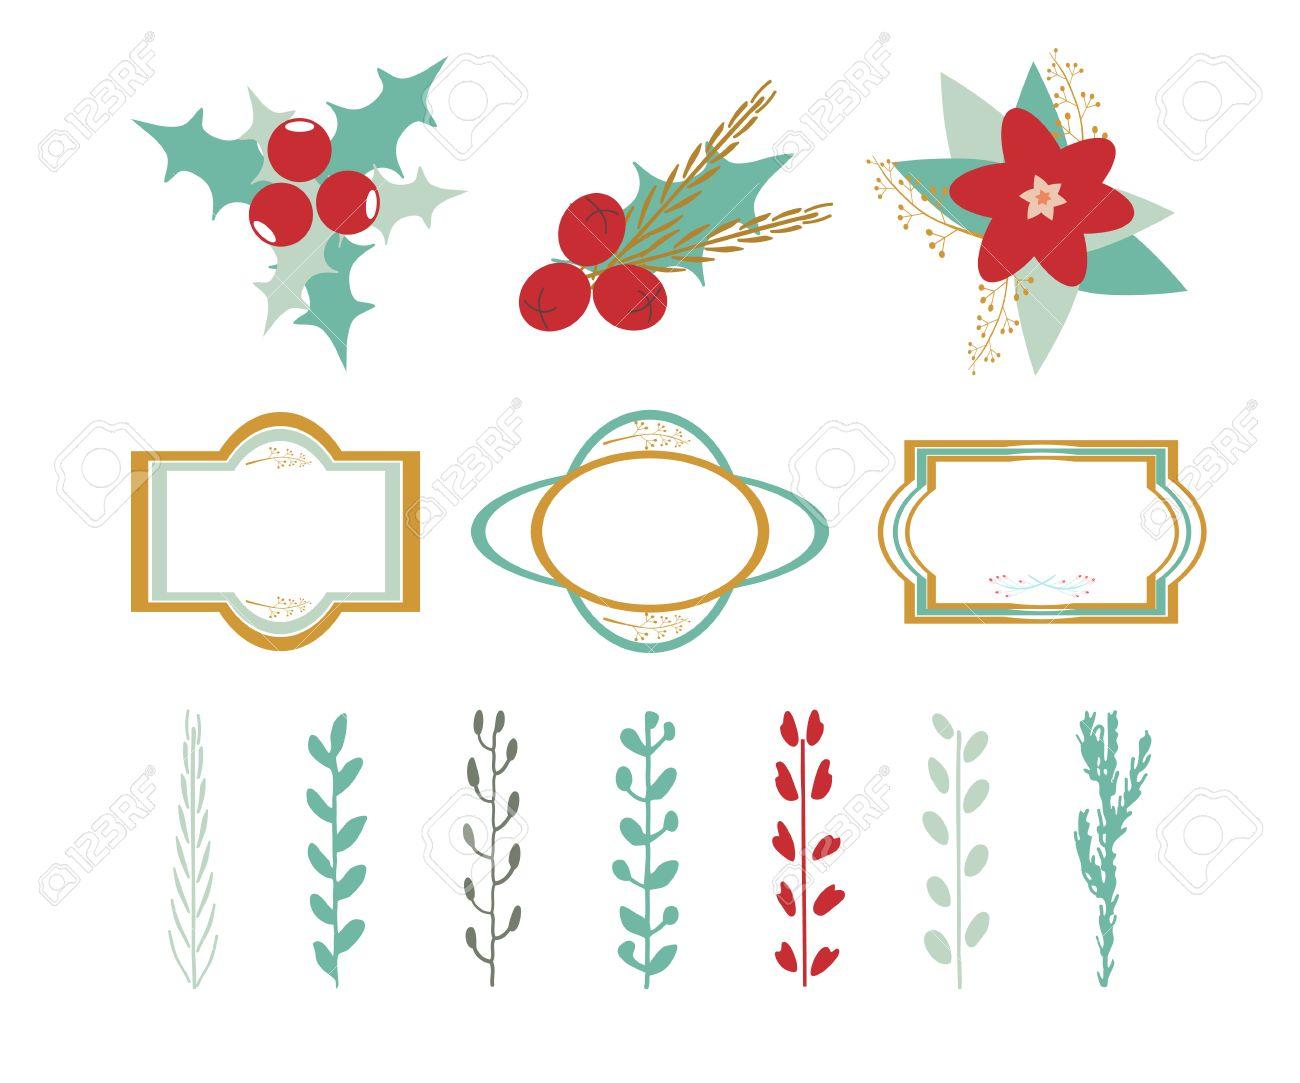 Elementos De Decoración Navideña Ramas Hojas Flores Marcos Bayas Ilustración Del Vector Puede Ser Utilizado Para Las Tarjetas De Felicitación